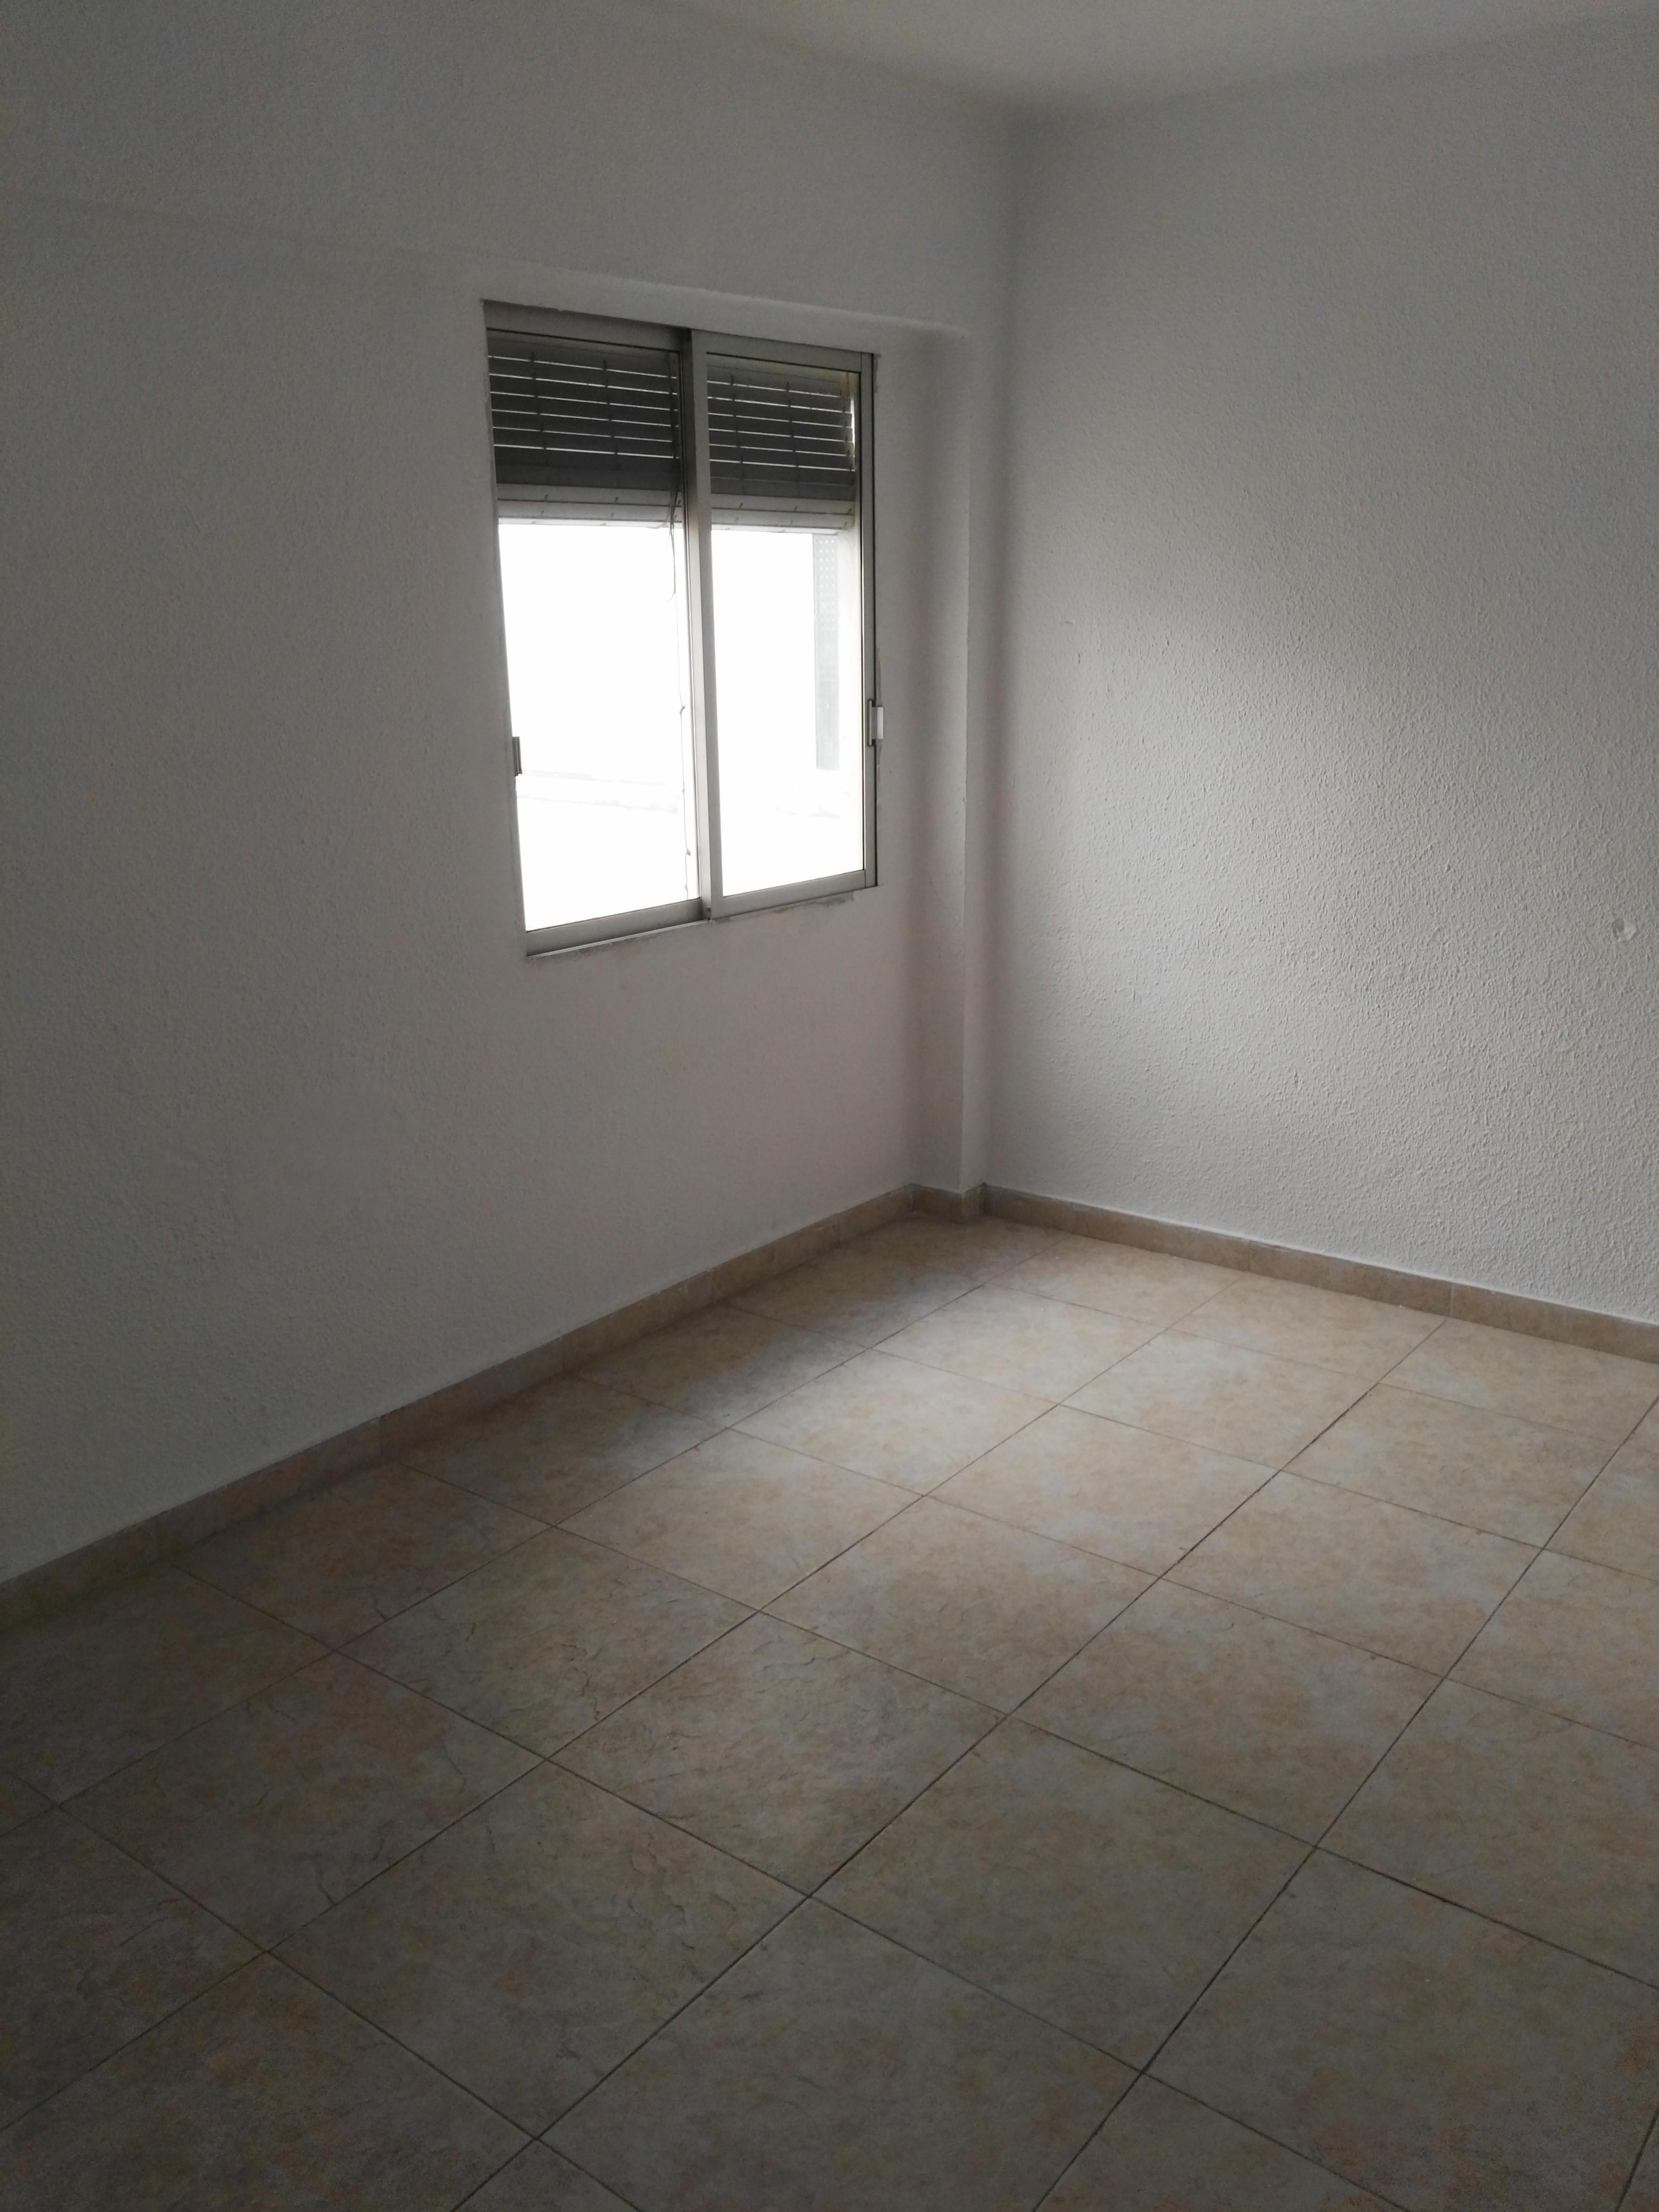 Piso en venta en Castellón de la Plana/castelló de la Plana, Castellón, Calle de Gravina, 51.000 €, 3 habitaciones, 1 baño, 119 m2